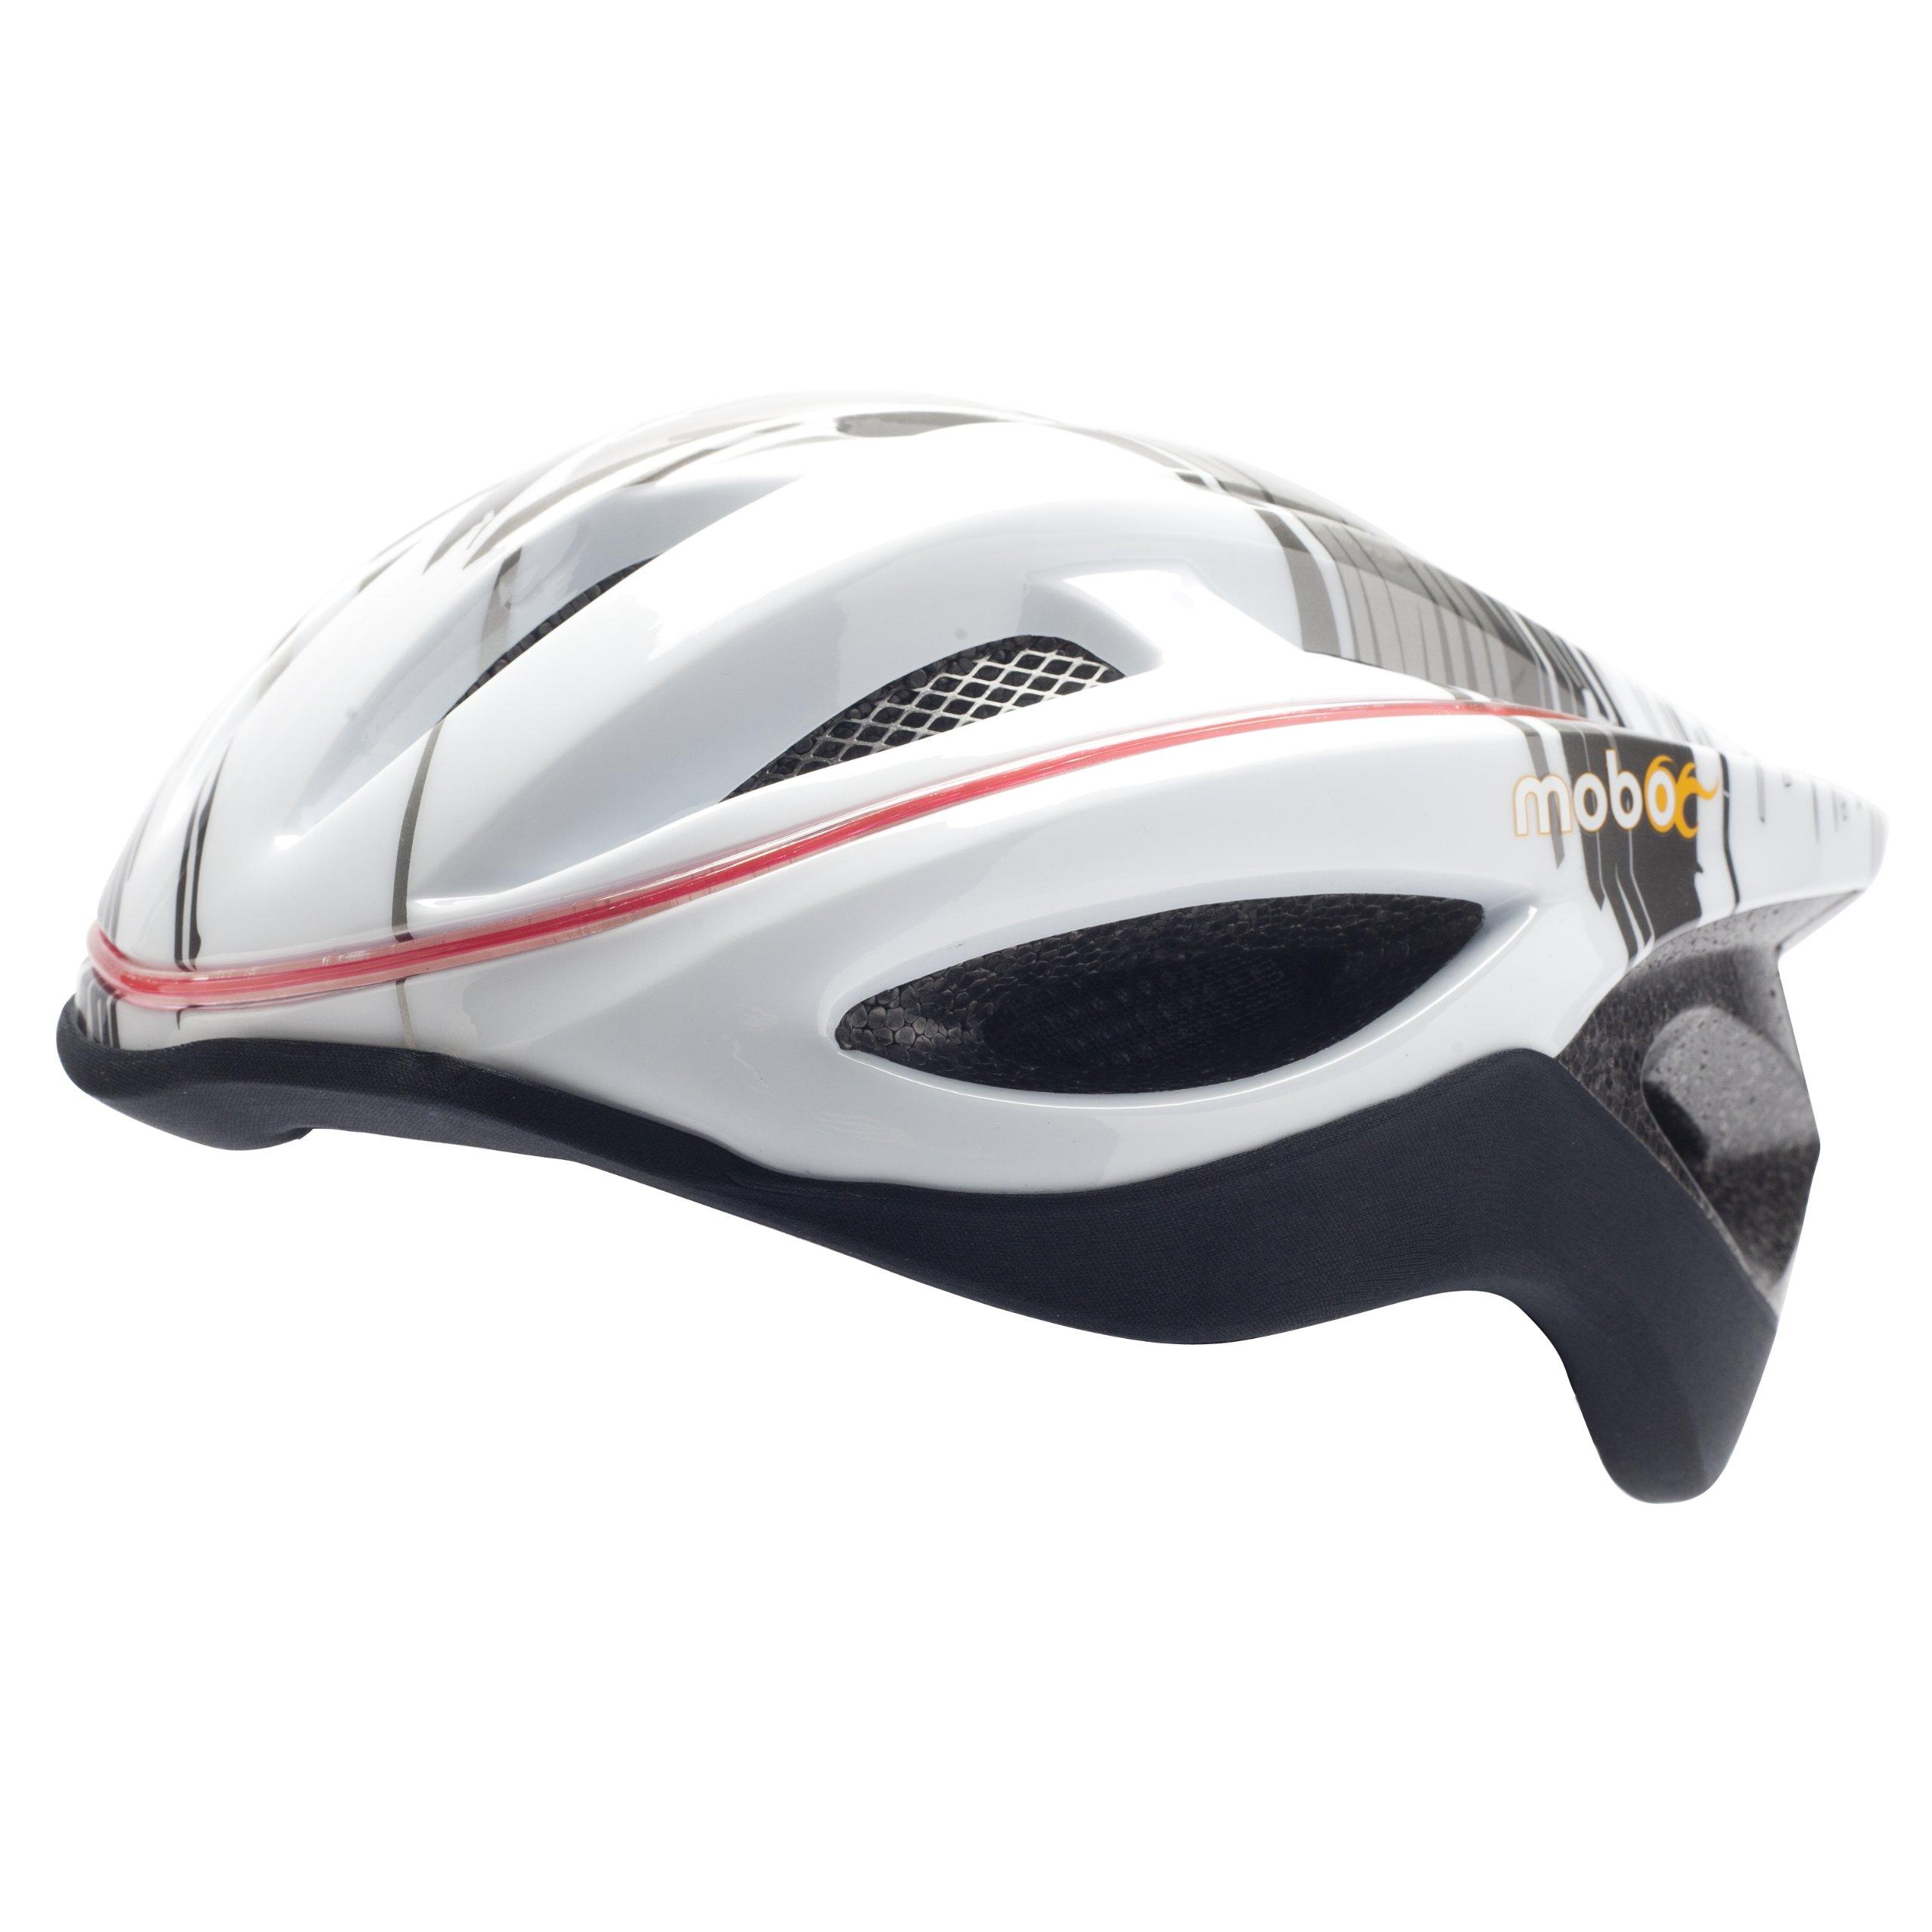 Mobo Cruiser 360 LED Helmet, Grey/White, Large/X-Large